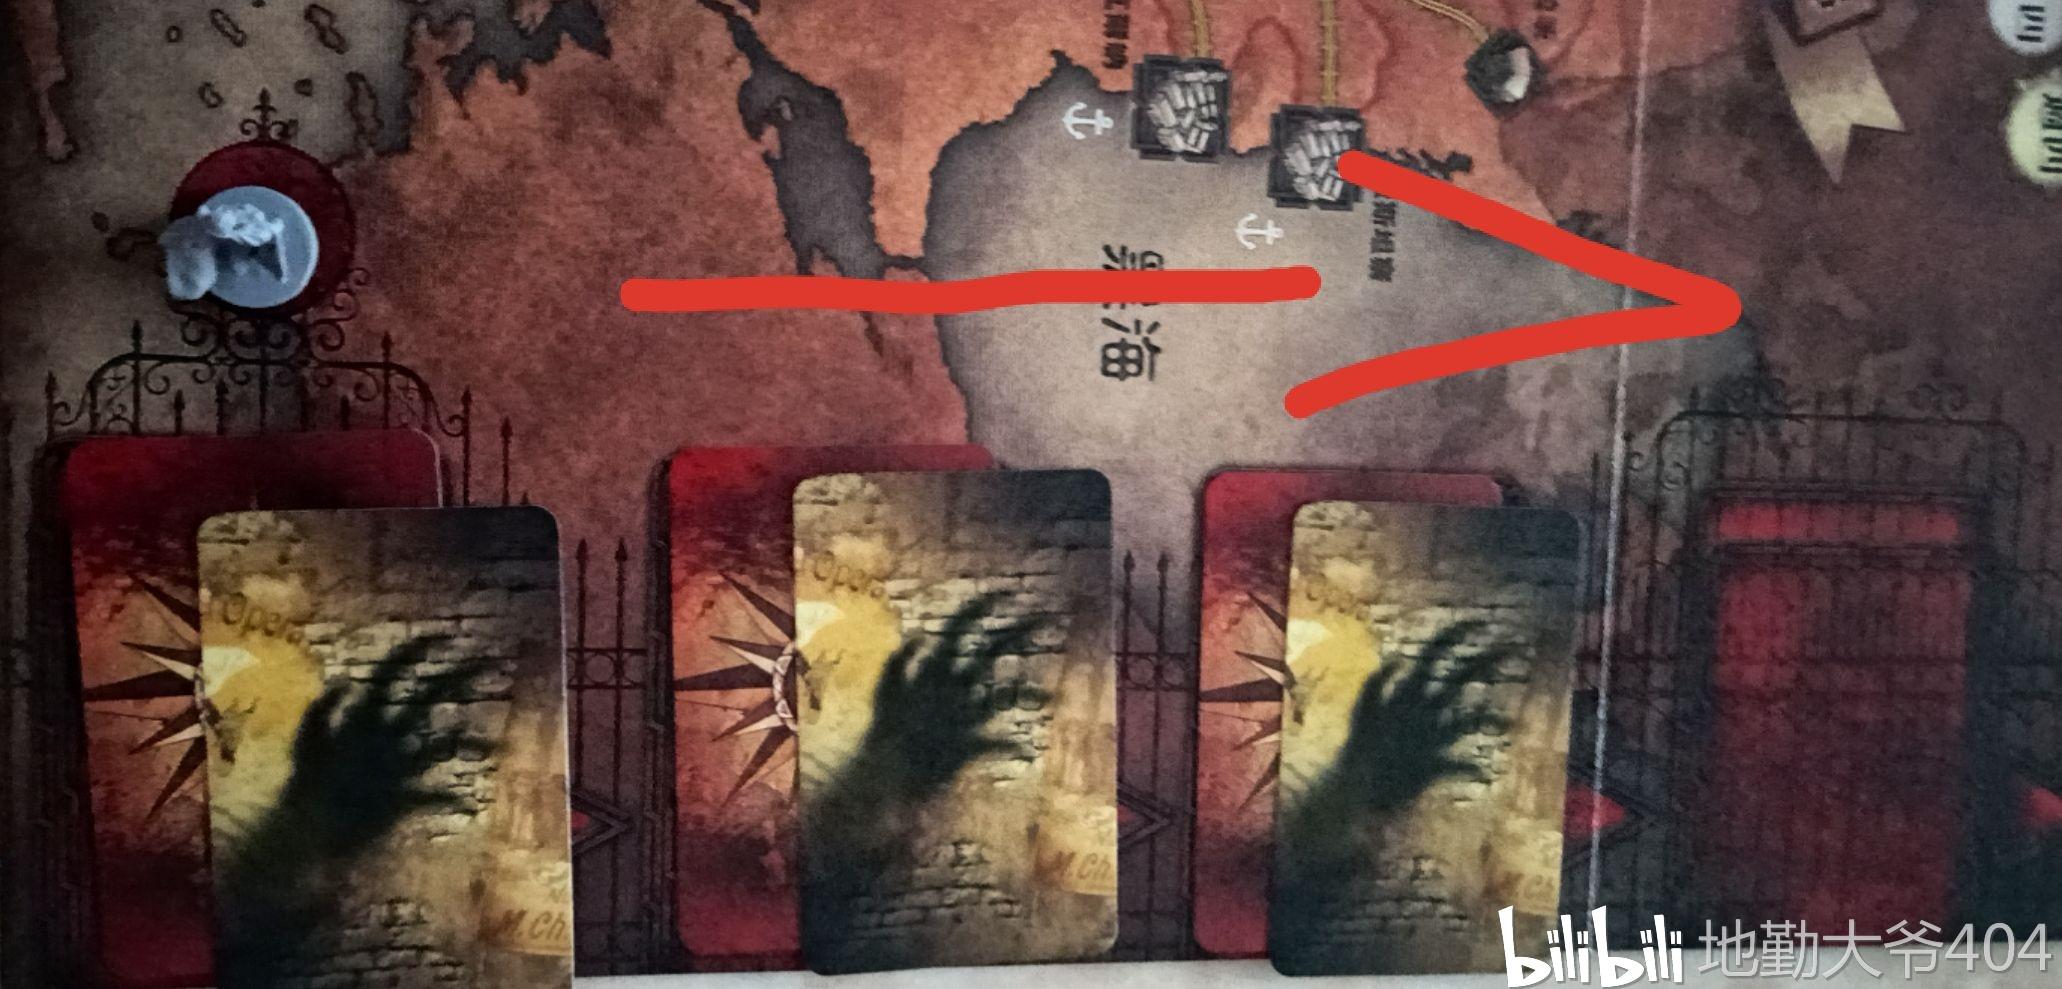 《德古拉之怒》——血族在歐洲悄然蘇醒,獵人在陰暗守護和平 - 嗶哩嗶哩